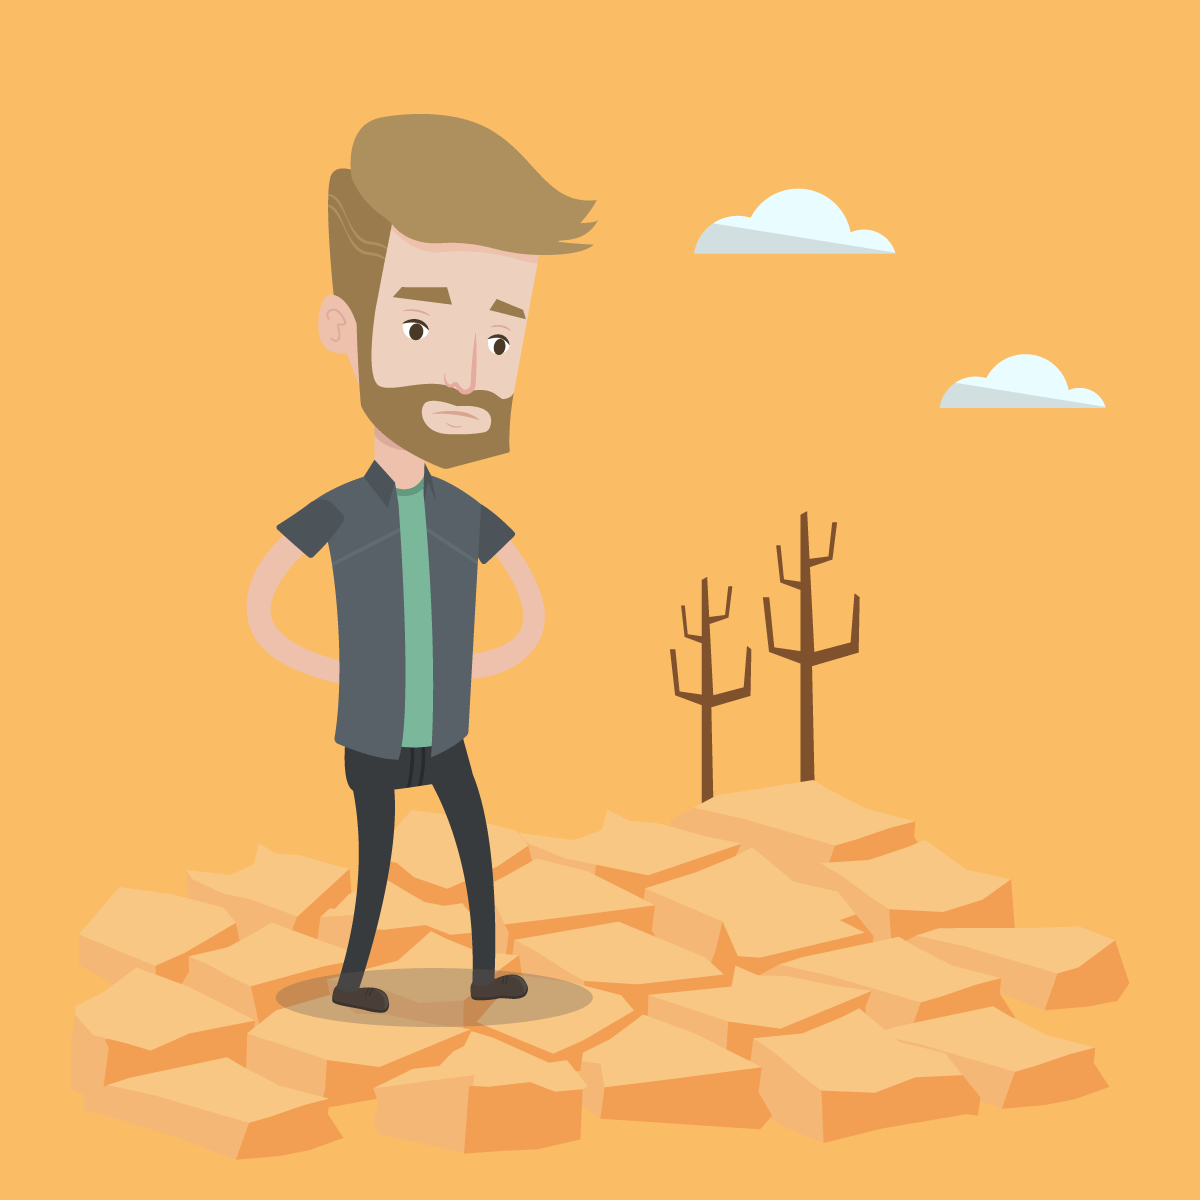 Анекдот про мужика впустыне ибездонный колодец